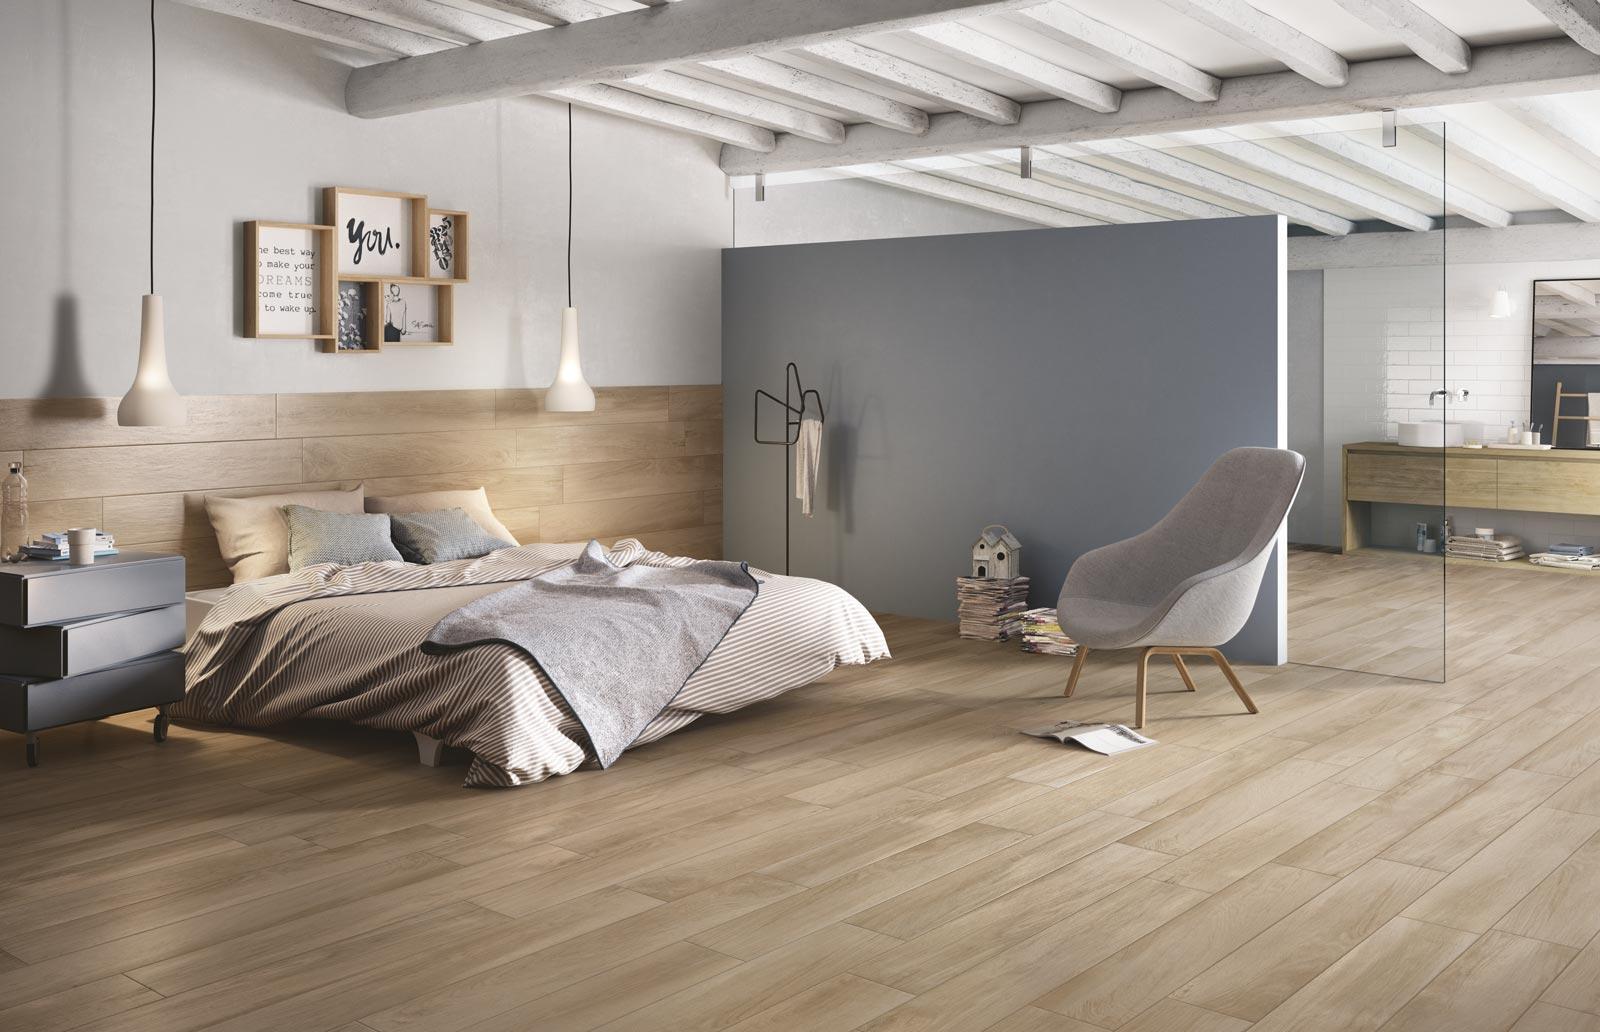 Immagini di pavimenti in ceramica per camere da letto